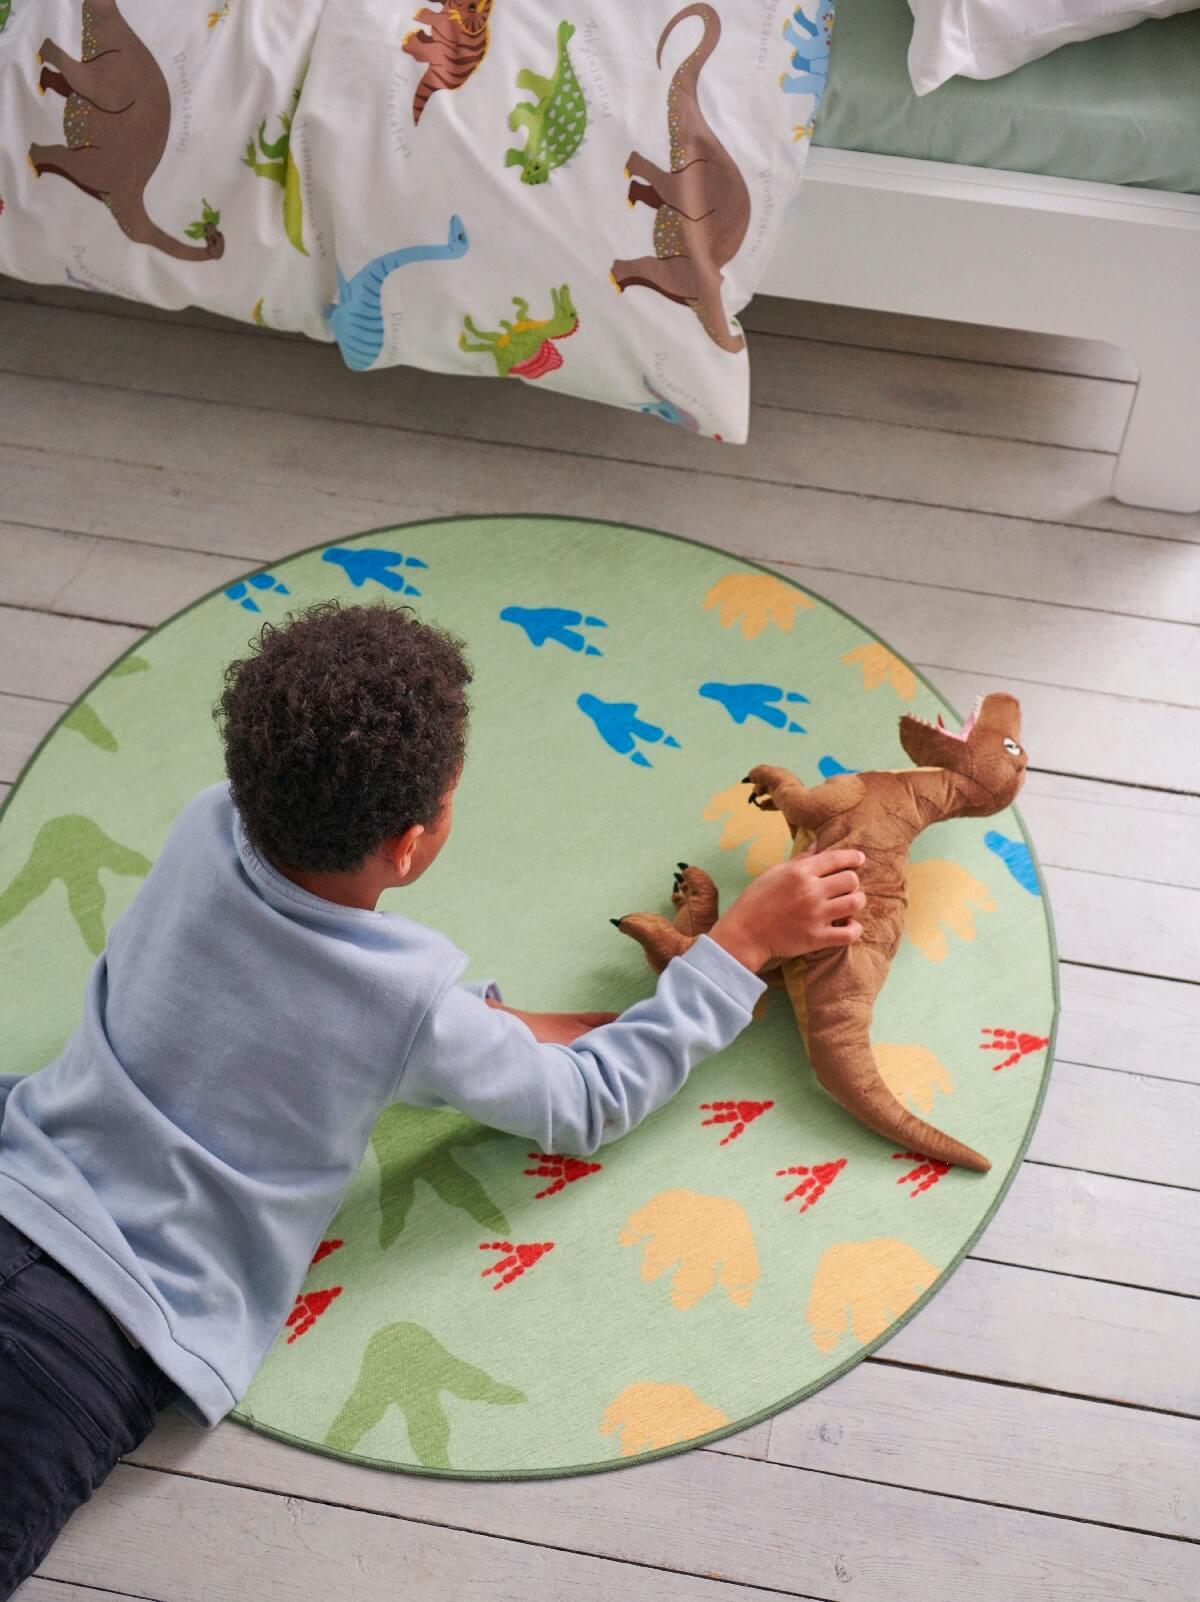 แต่งบ้านโทนสีพาสเทล สไตล์สแกนดิเนเวียน ด้วยคอลเล็คชั่นใหม่จากอิเกีย เฟอร์นิเจอร์ที่เป็นได้มากกว่า ปรับได้ตามความต้องการ 29 - IKEA (อิเกีย)